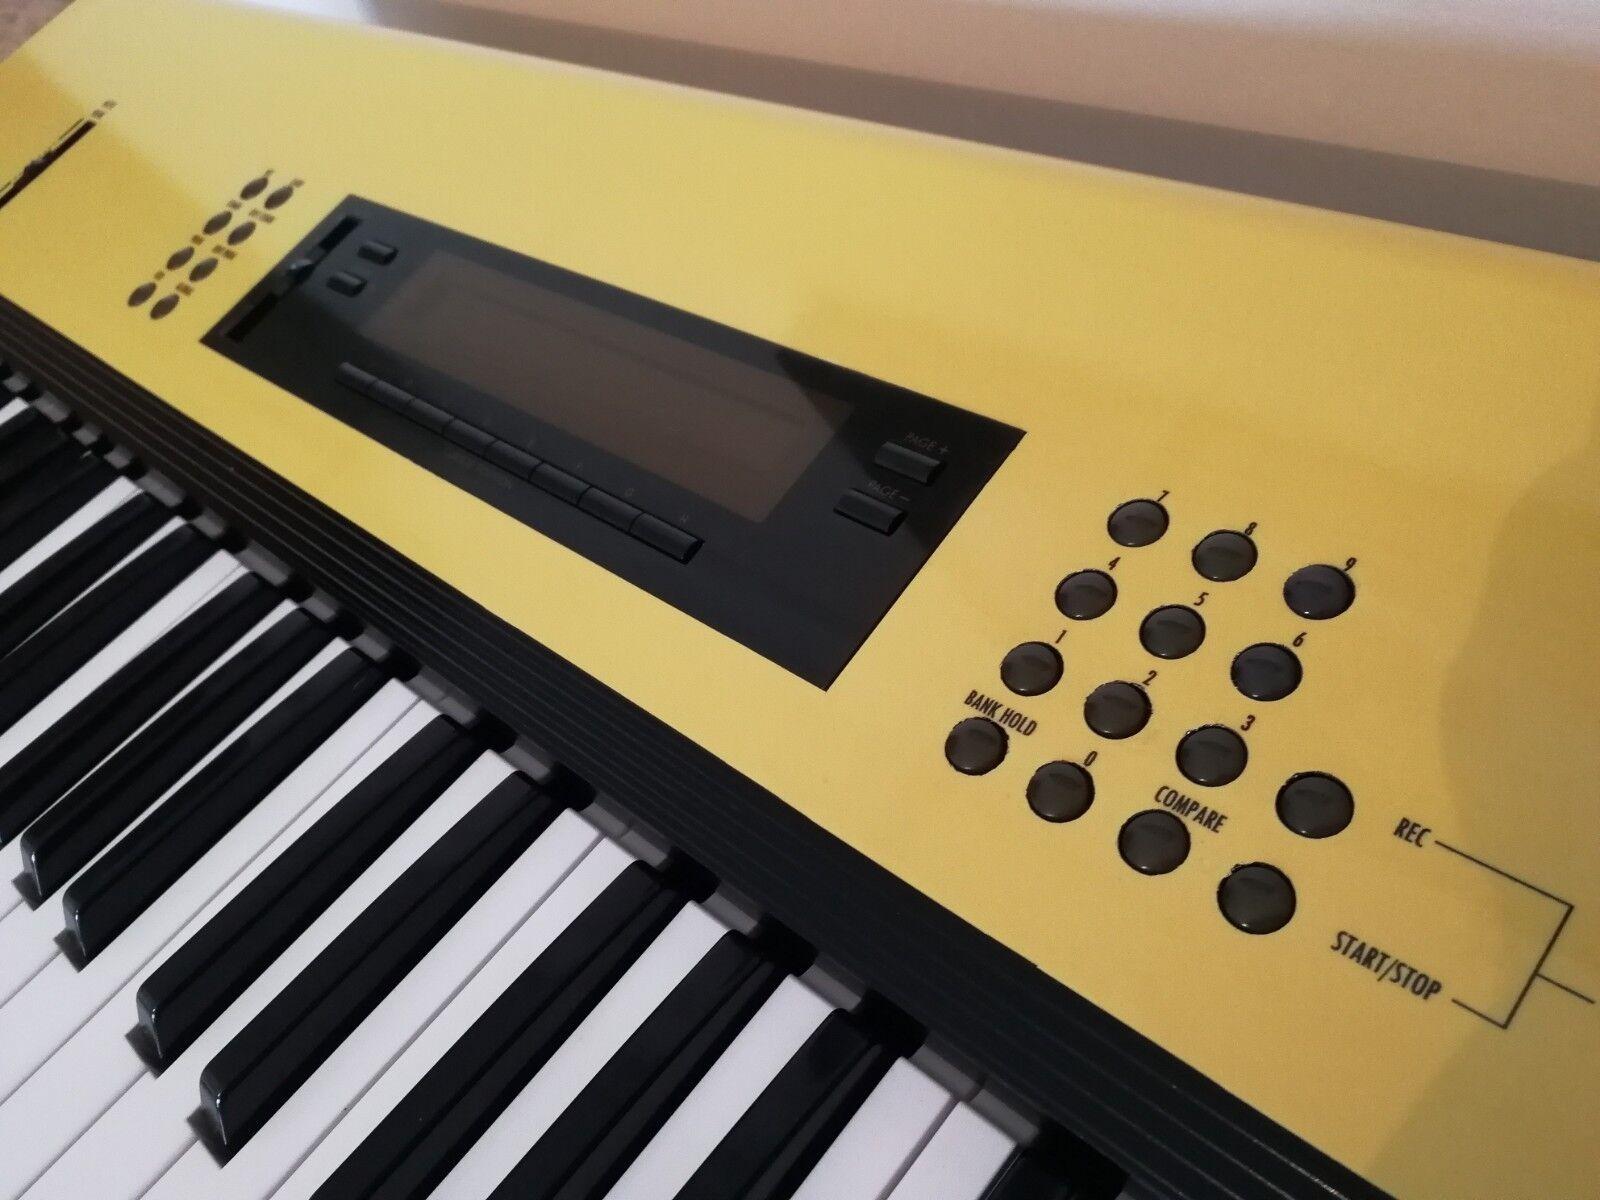 Envoltura de Vinilo Korg M1 teclado da una nueva mirada a un teclado M1 clásico 73577e